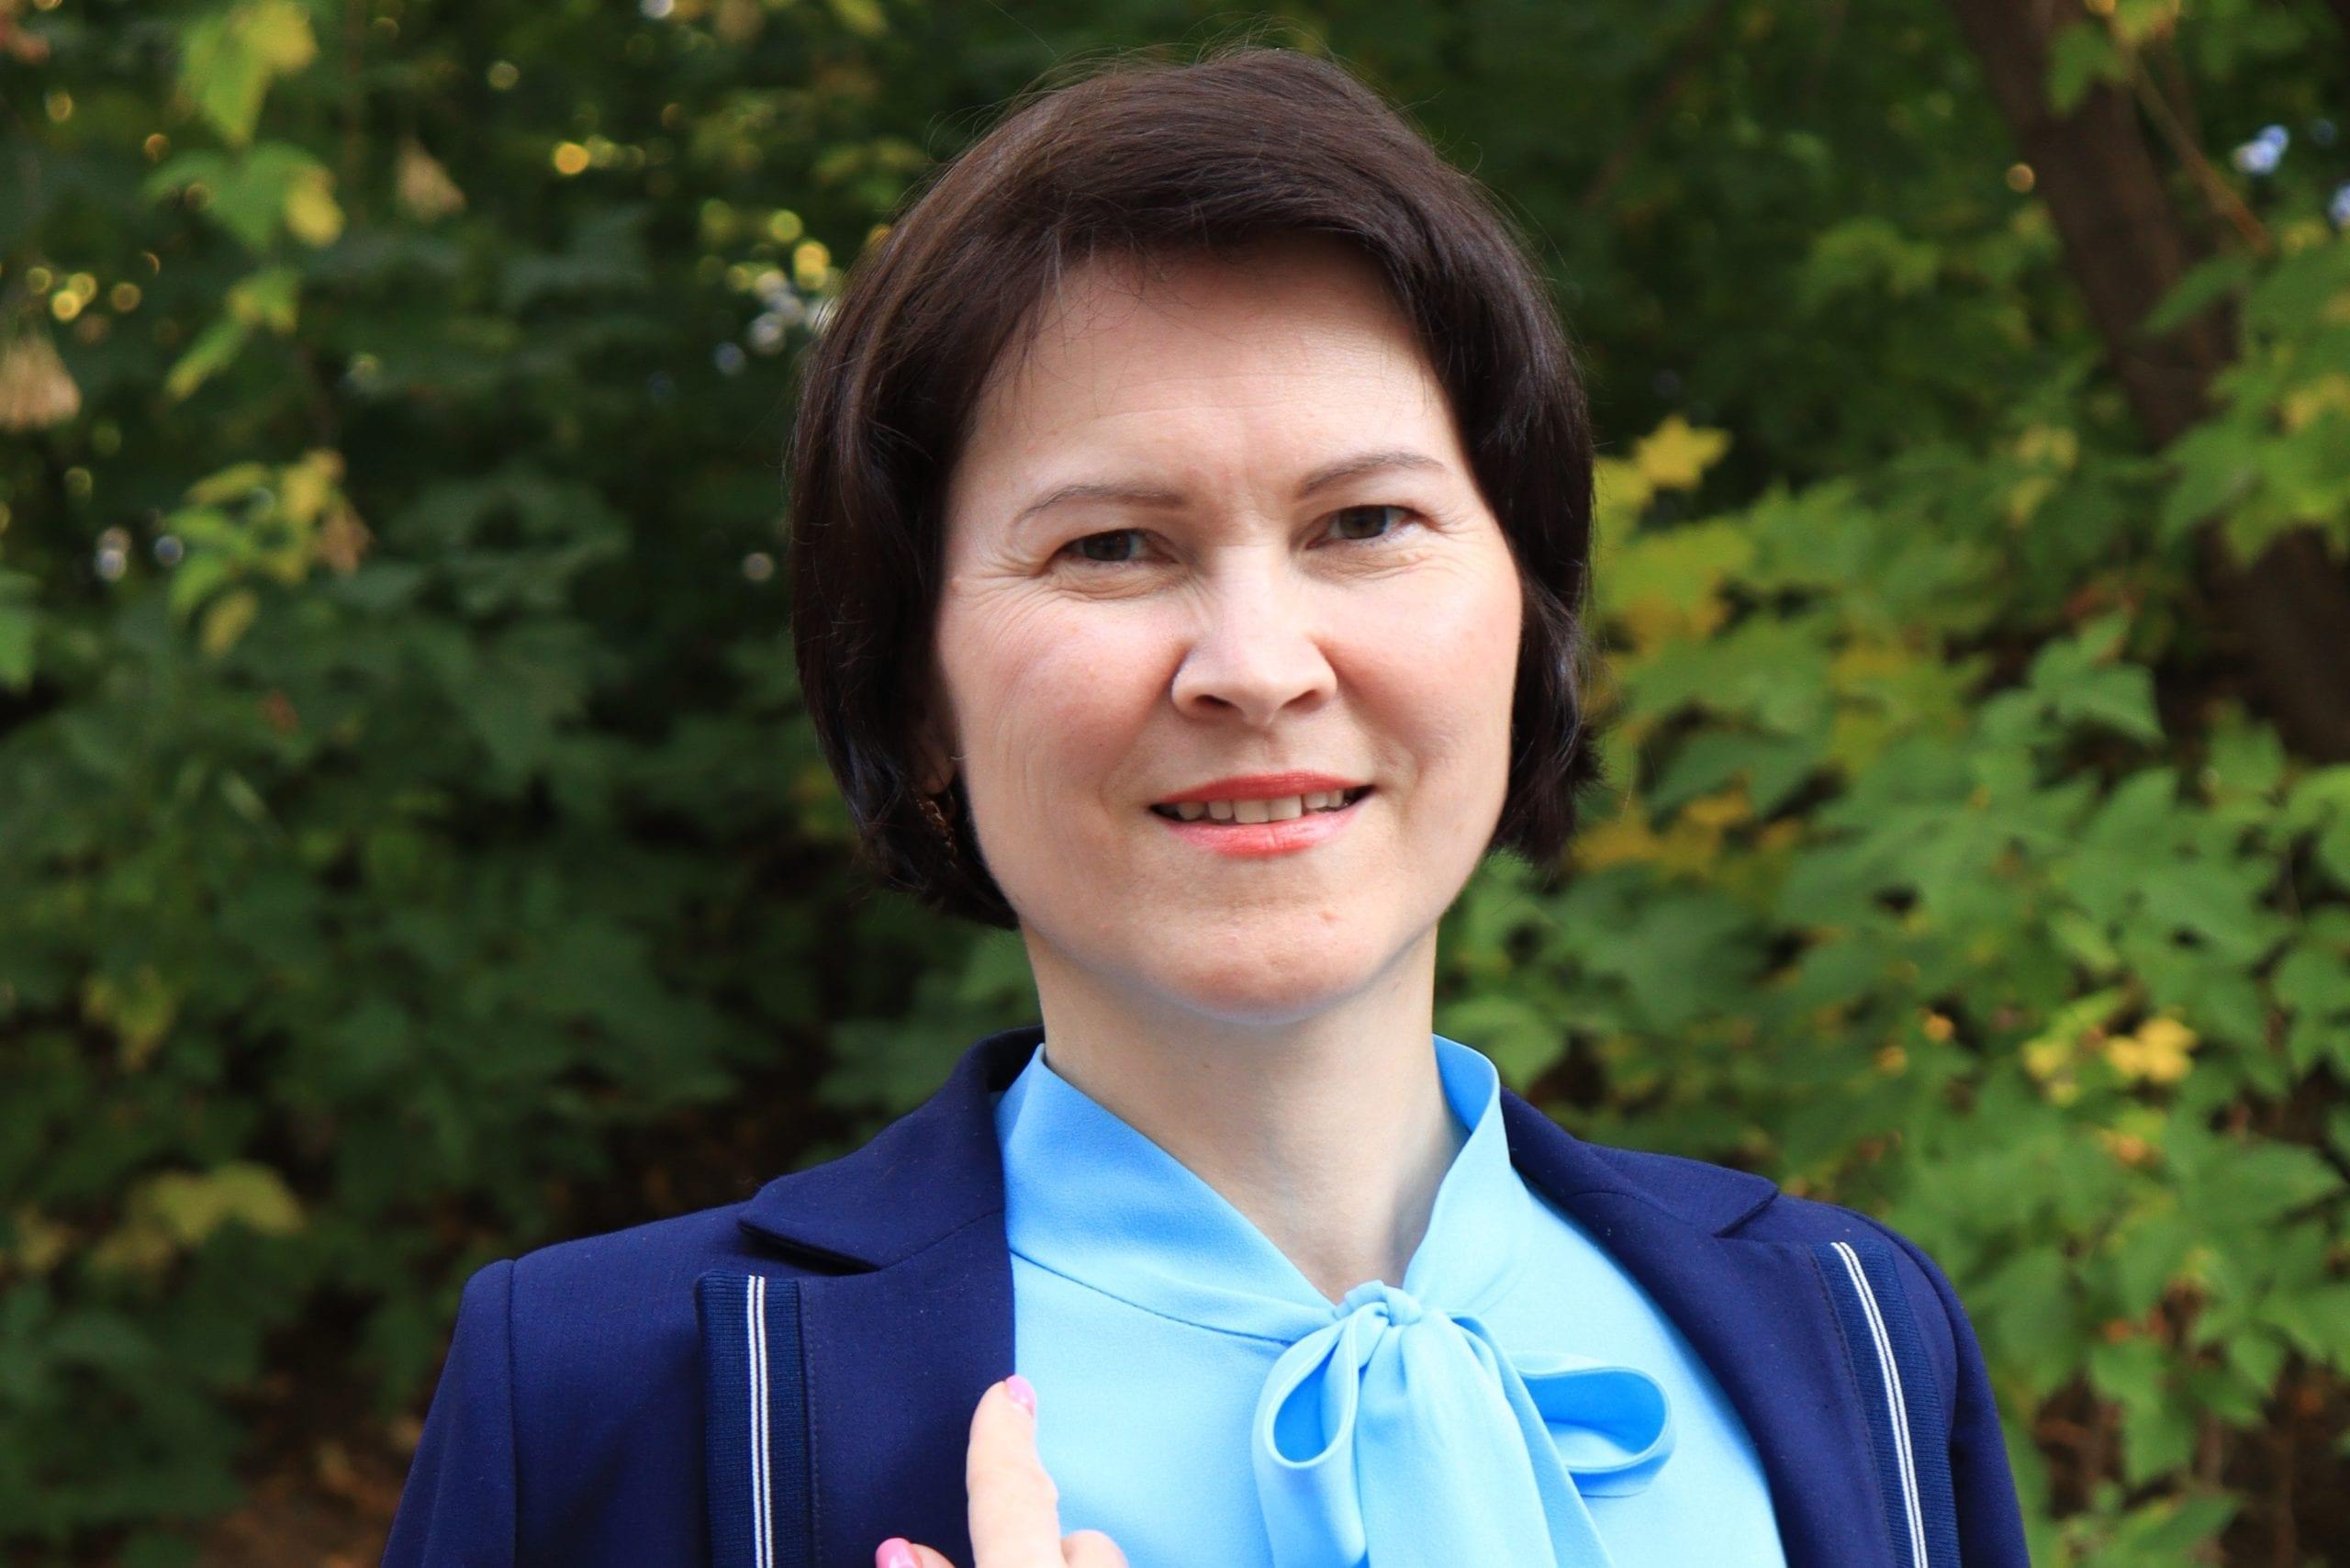 Фото председателя удмурт нылкышно кенеш Елены Васильевны Миннигараевой